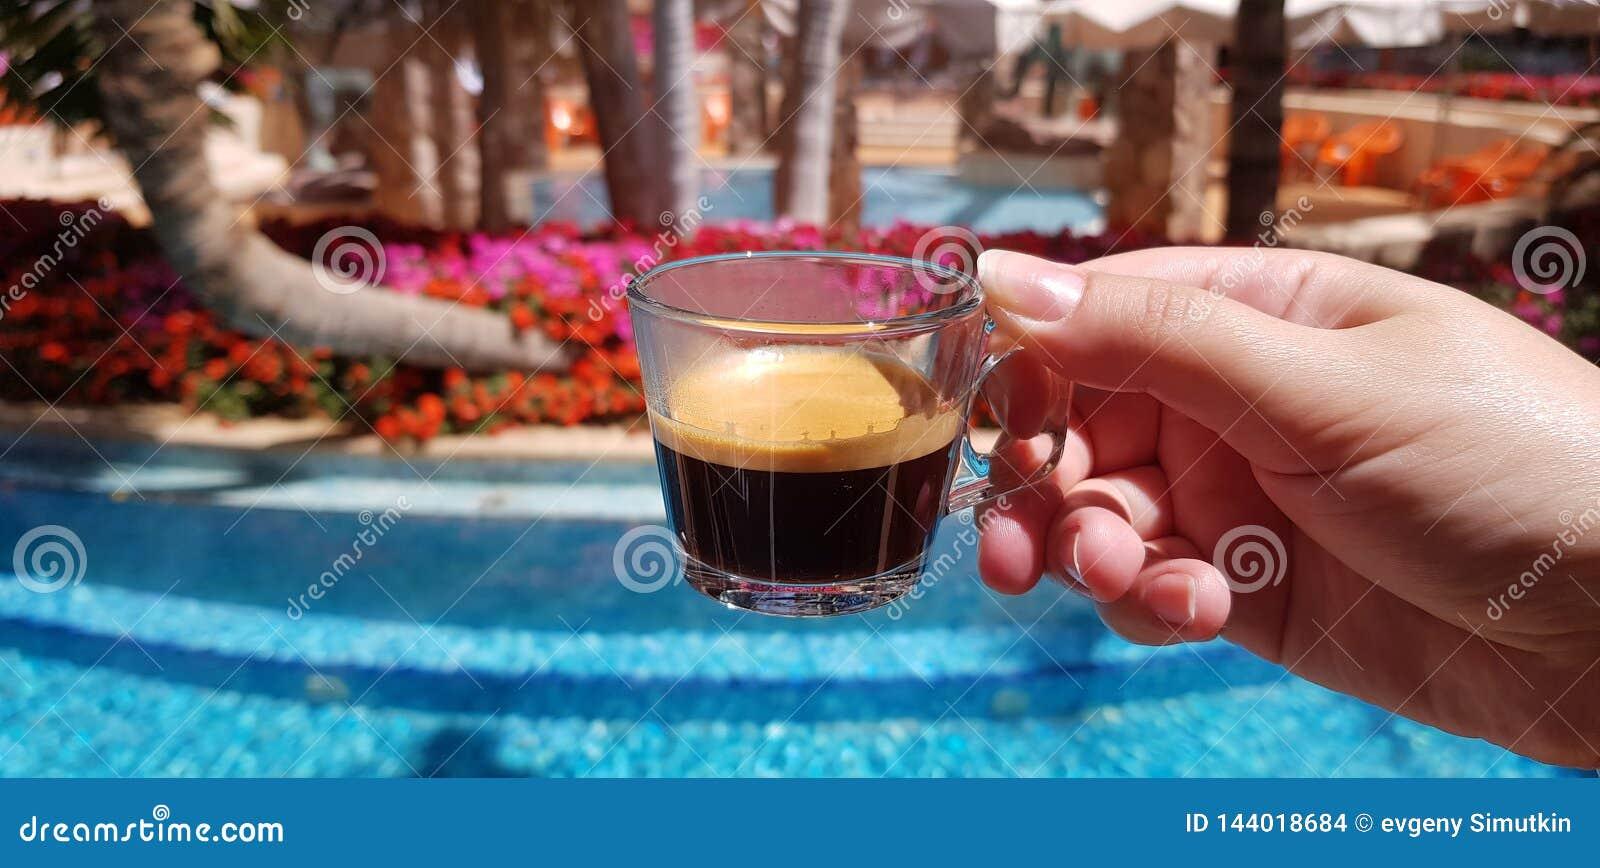 Кофейная чашка сделанная из прозрачного стекла в женской руке против голубого открытого бассейна